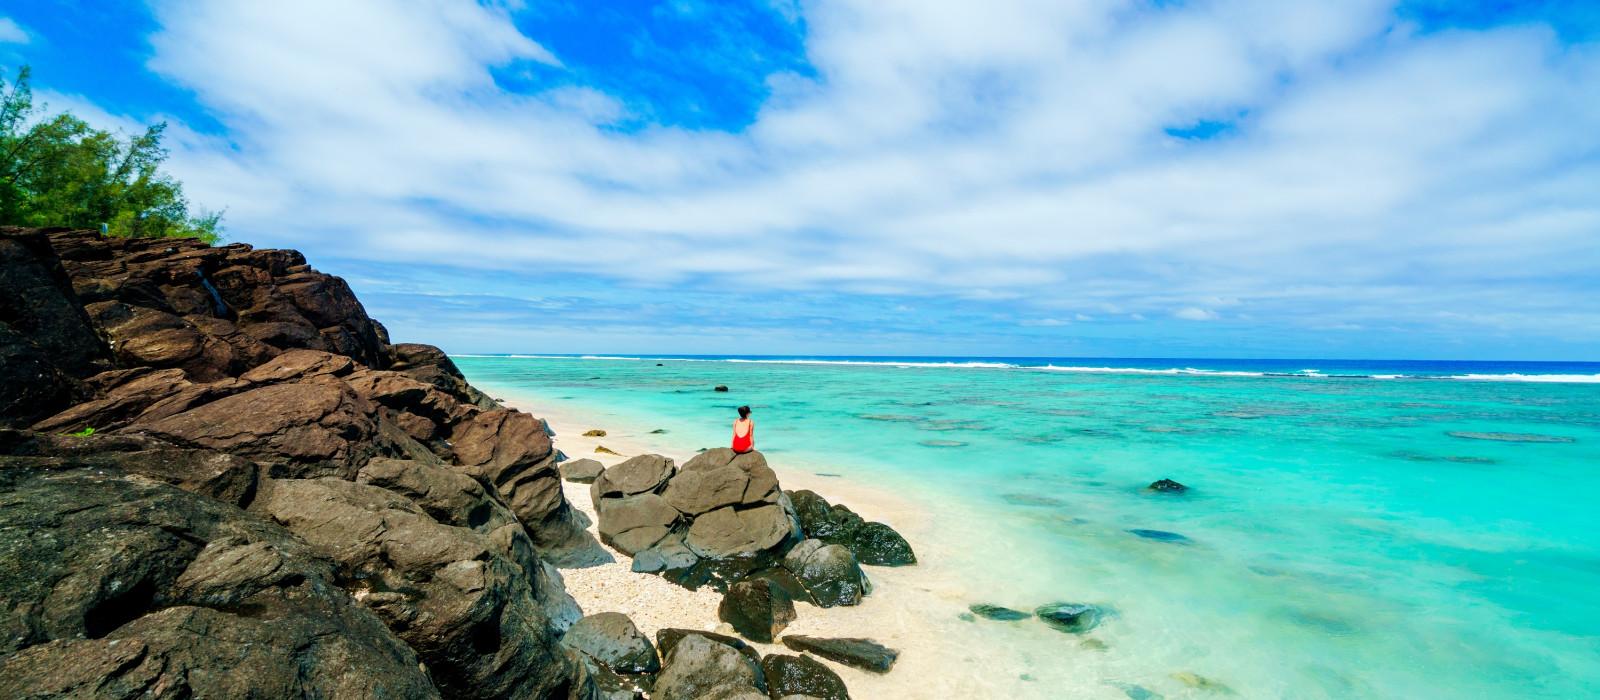 Südsee-Kreuzfahrt & Roadtrip durch Neuseeland Urlaub 1